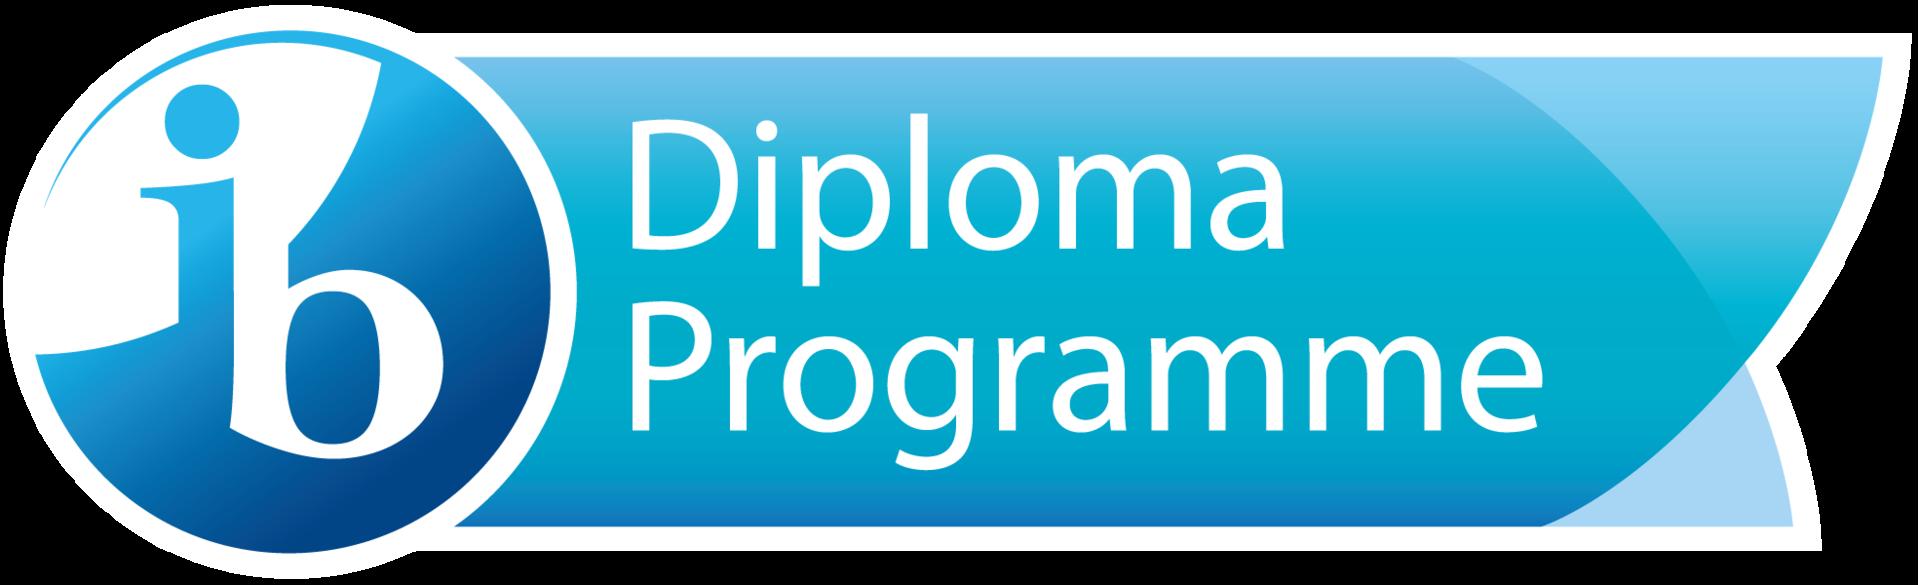 IB Diploma logo